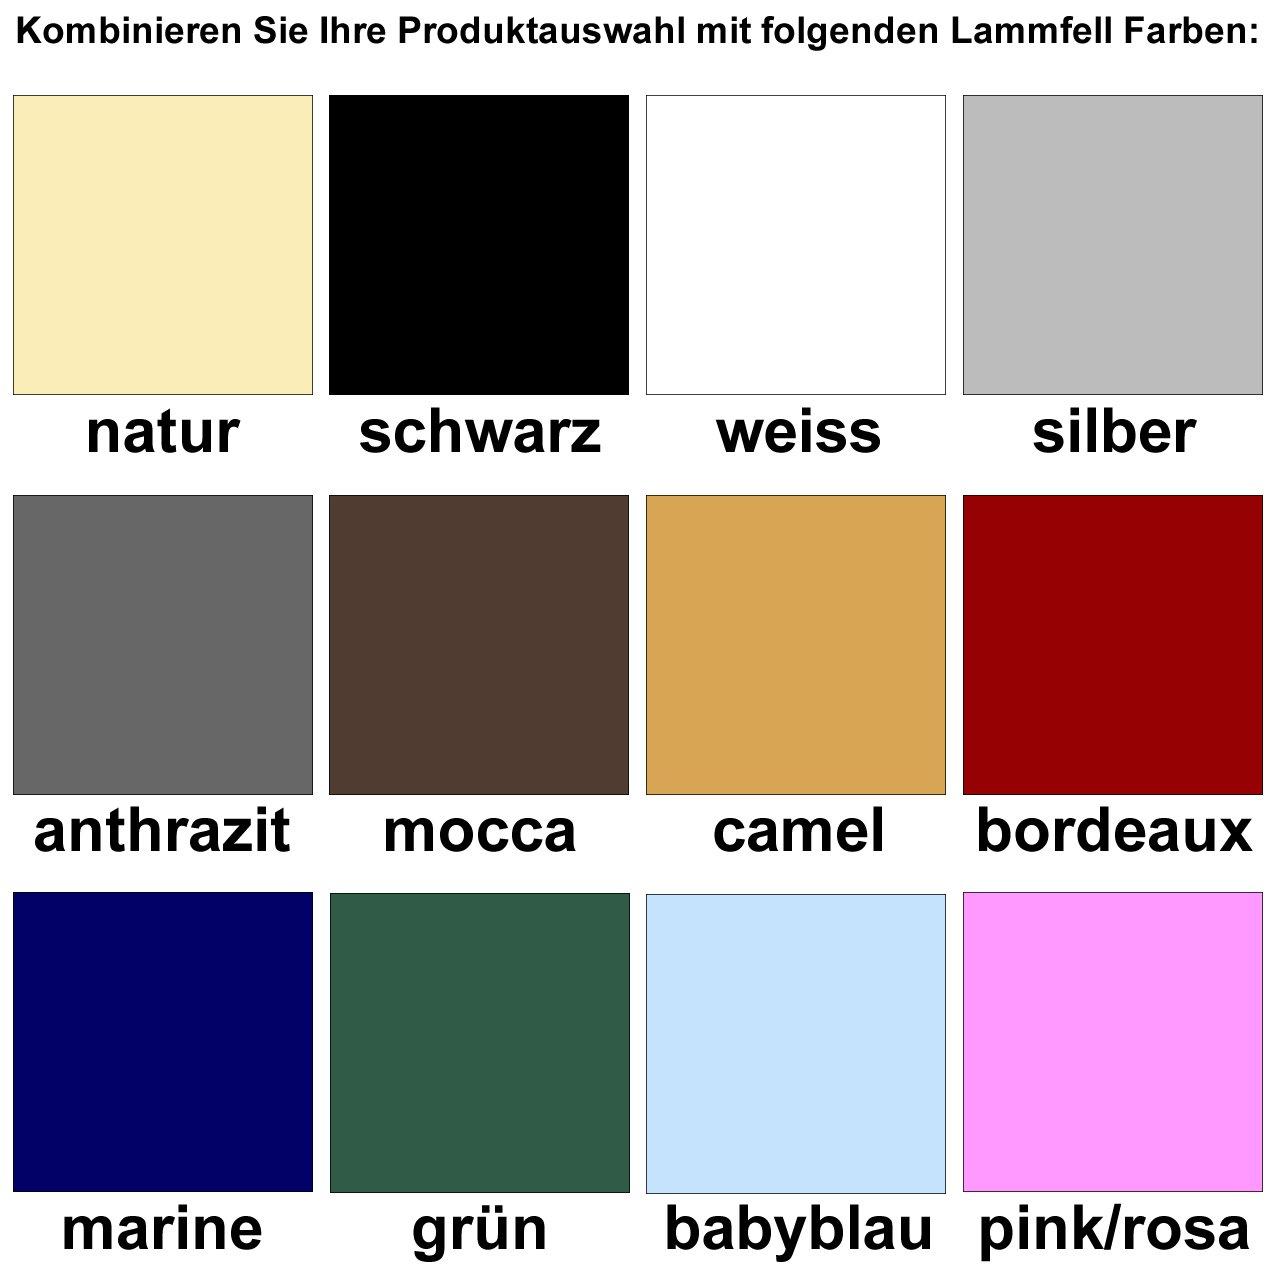 mit 12 Lammfell Farben kombinierbar! Engel Reitsport Lammfell Schabracke Stoff Camel Schabra 1 farbenfroh